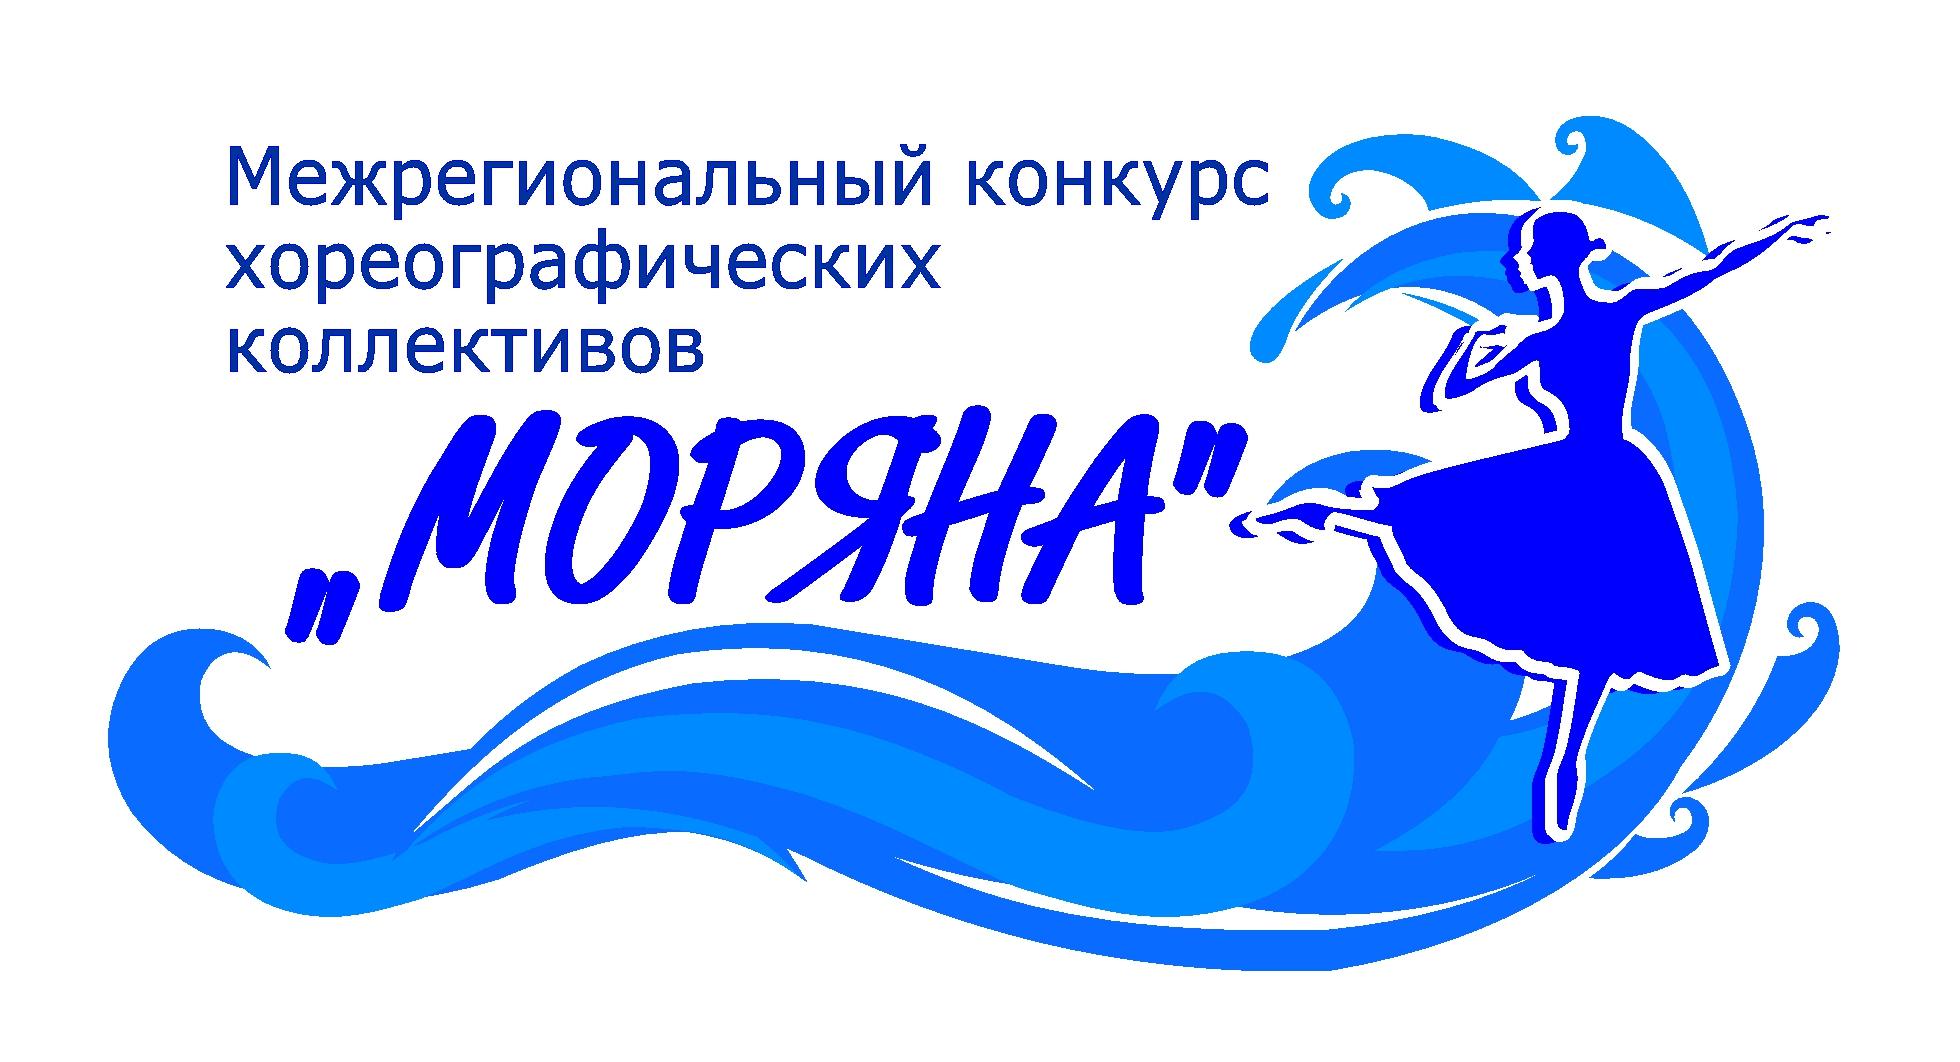 Начался прием заявок на межрегиональный конкурс хореографических коллективов «Моряна» (по видеоматериалам)